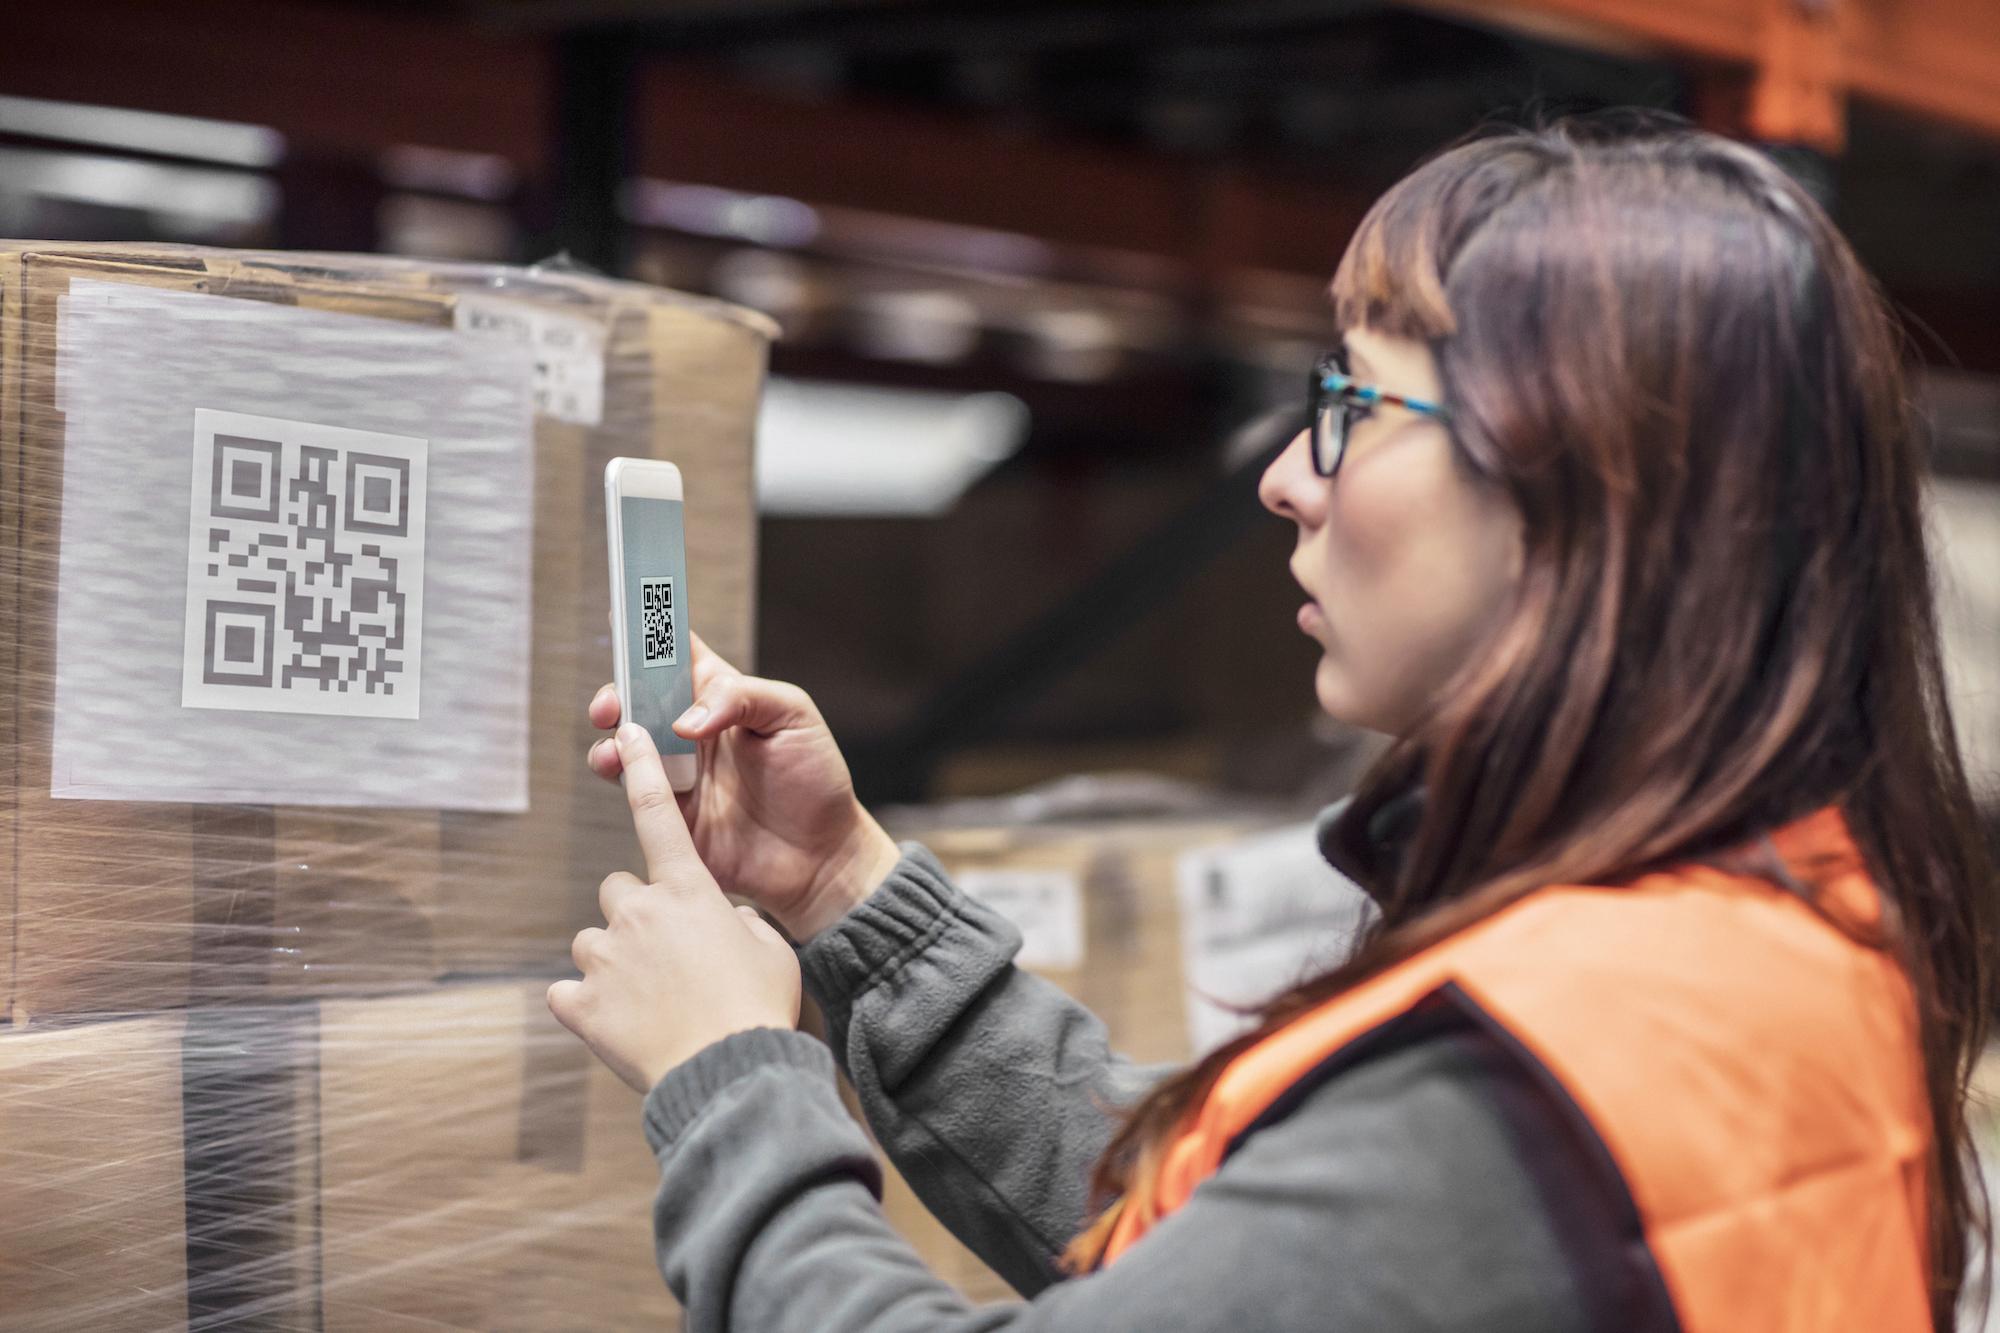 Femme scannant un QR code sur un colis